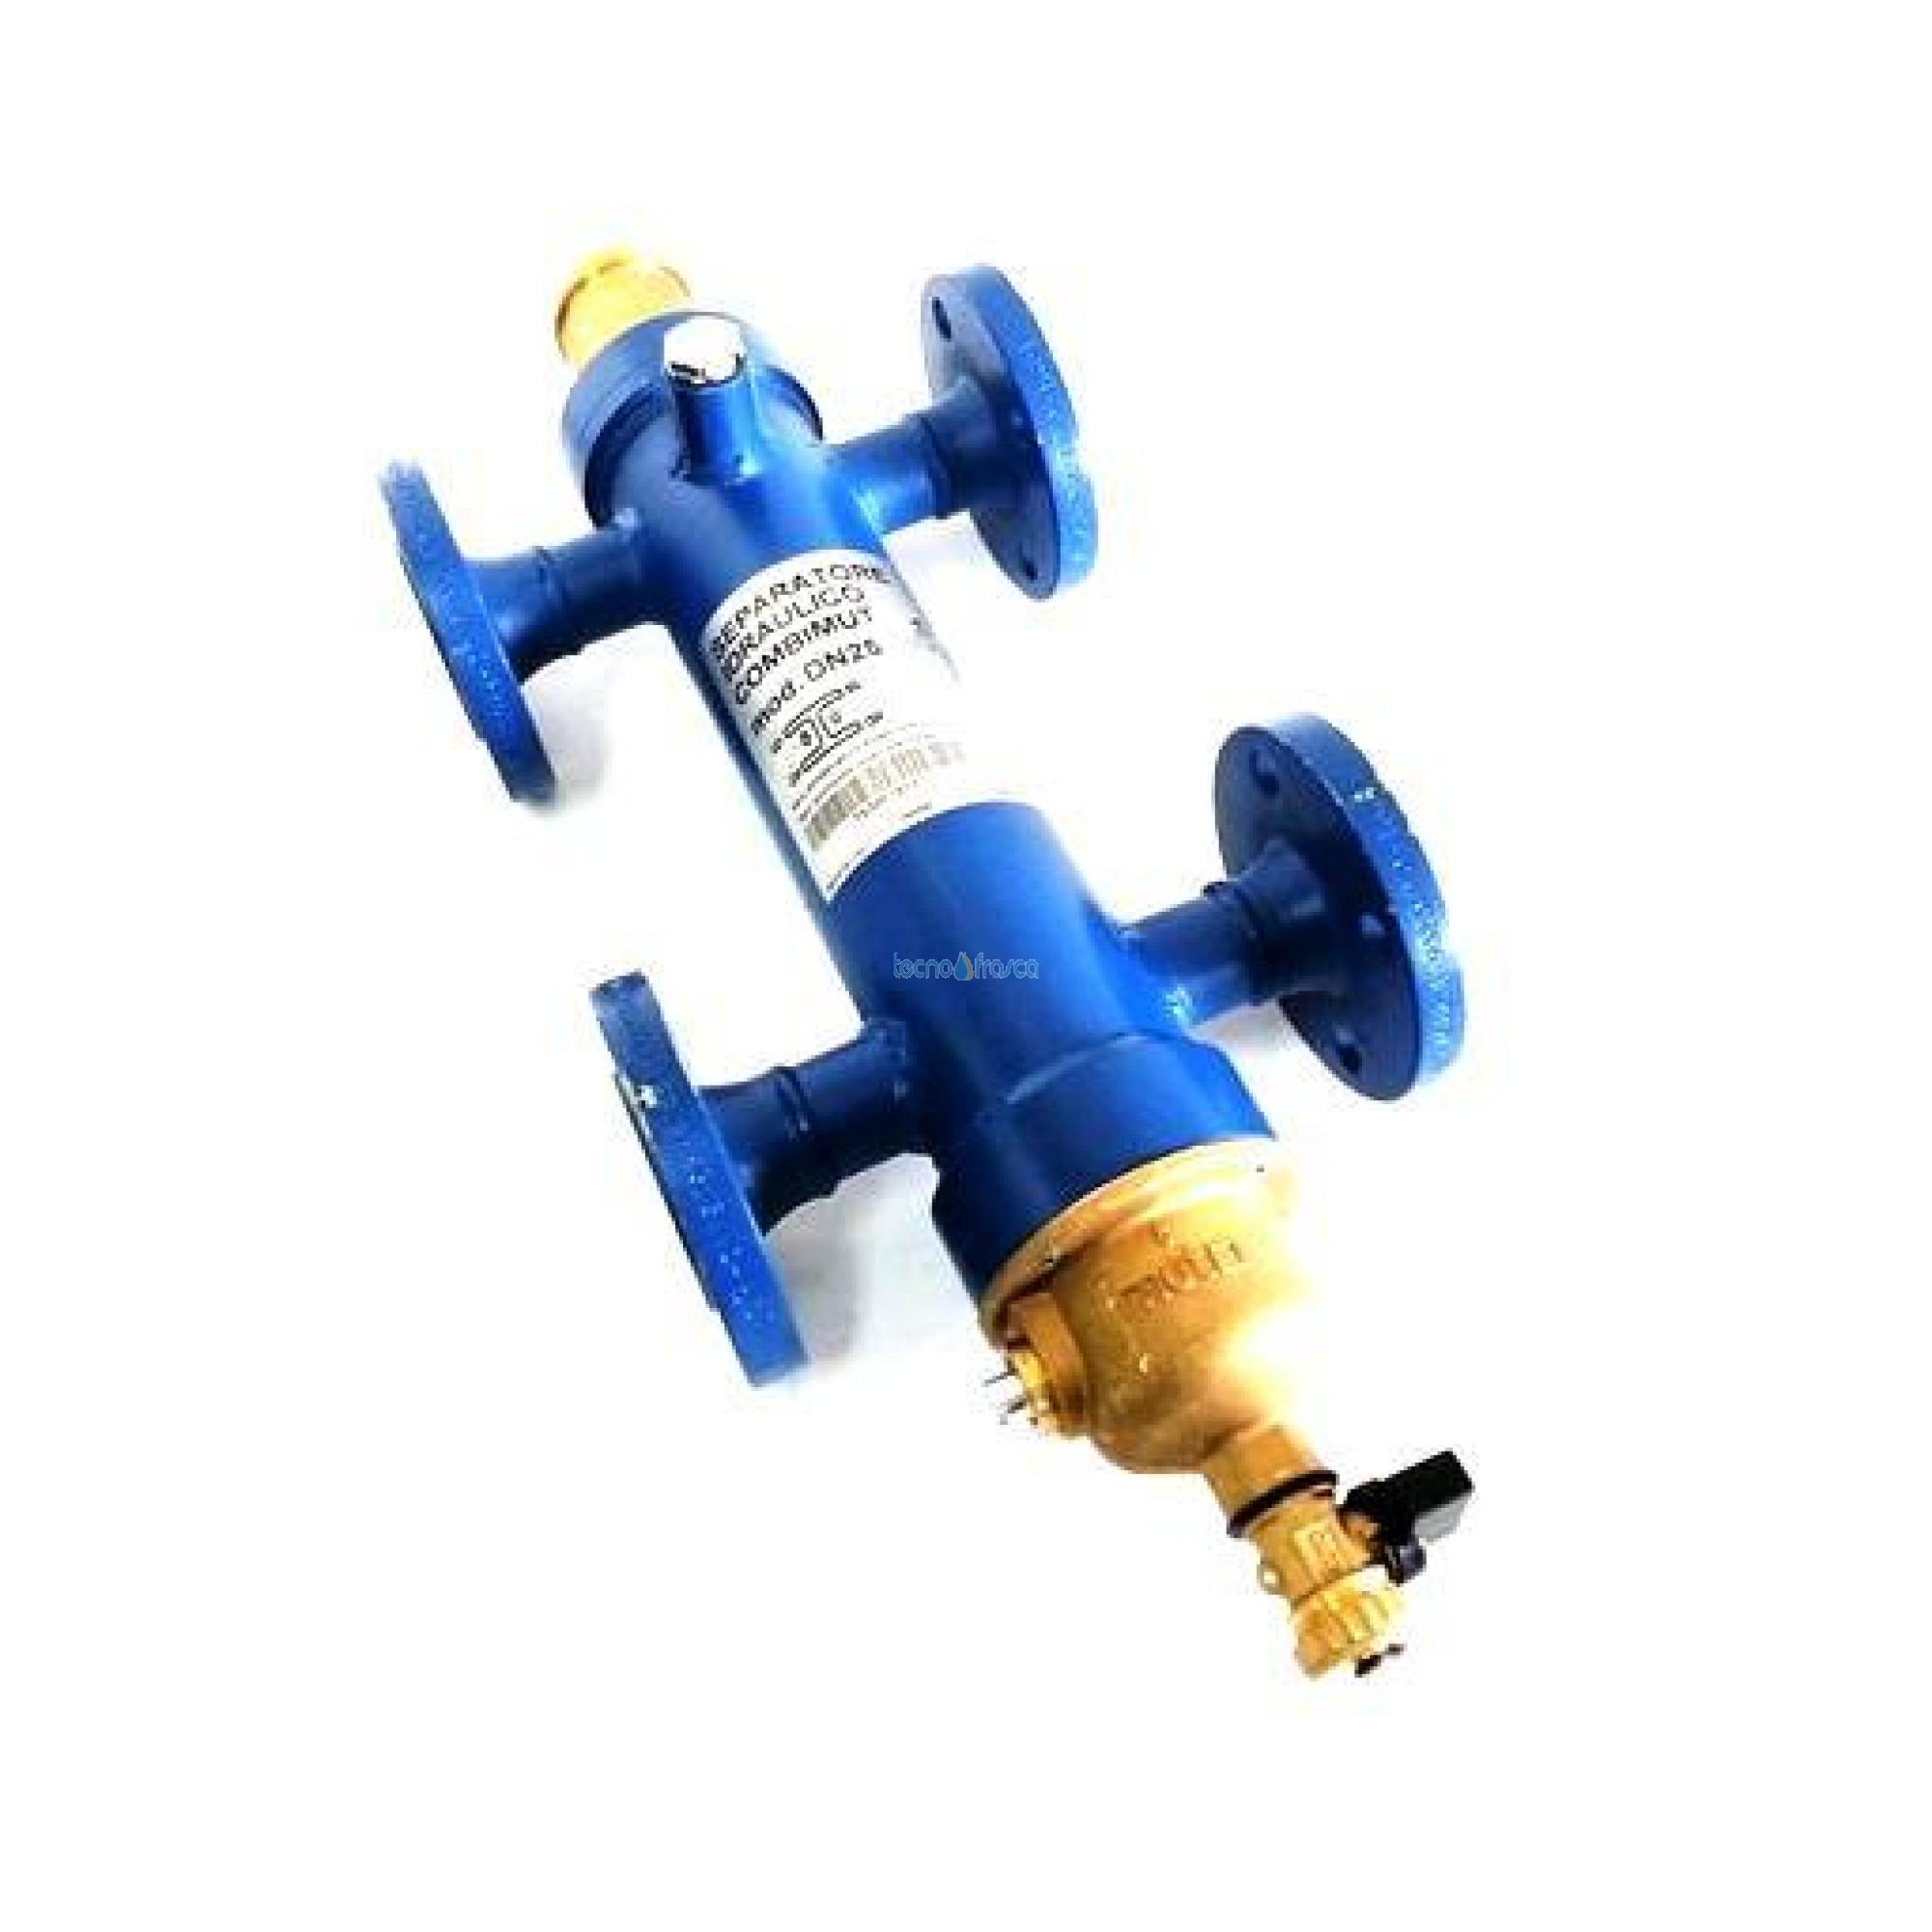 Mut separatore idraulico combi flangiato mut 703001913